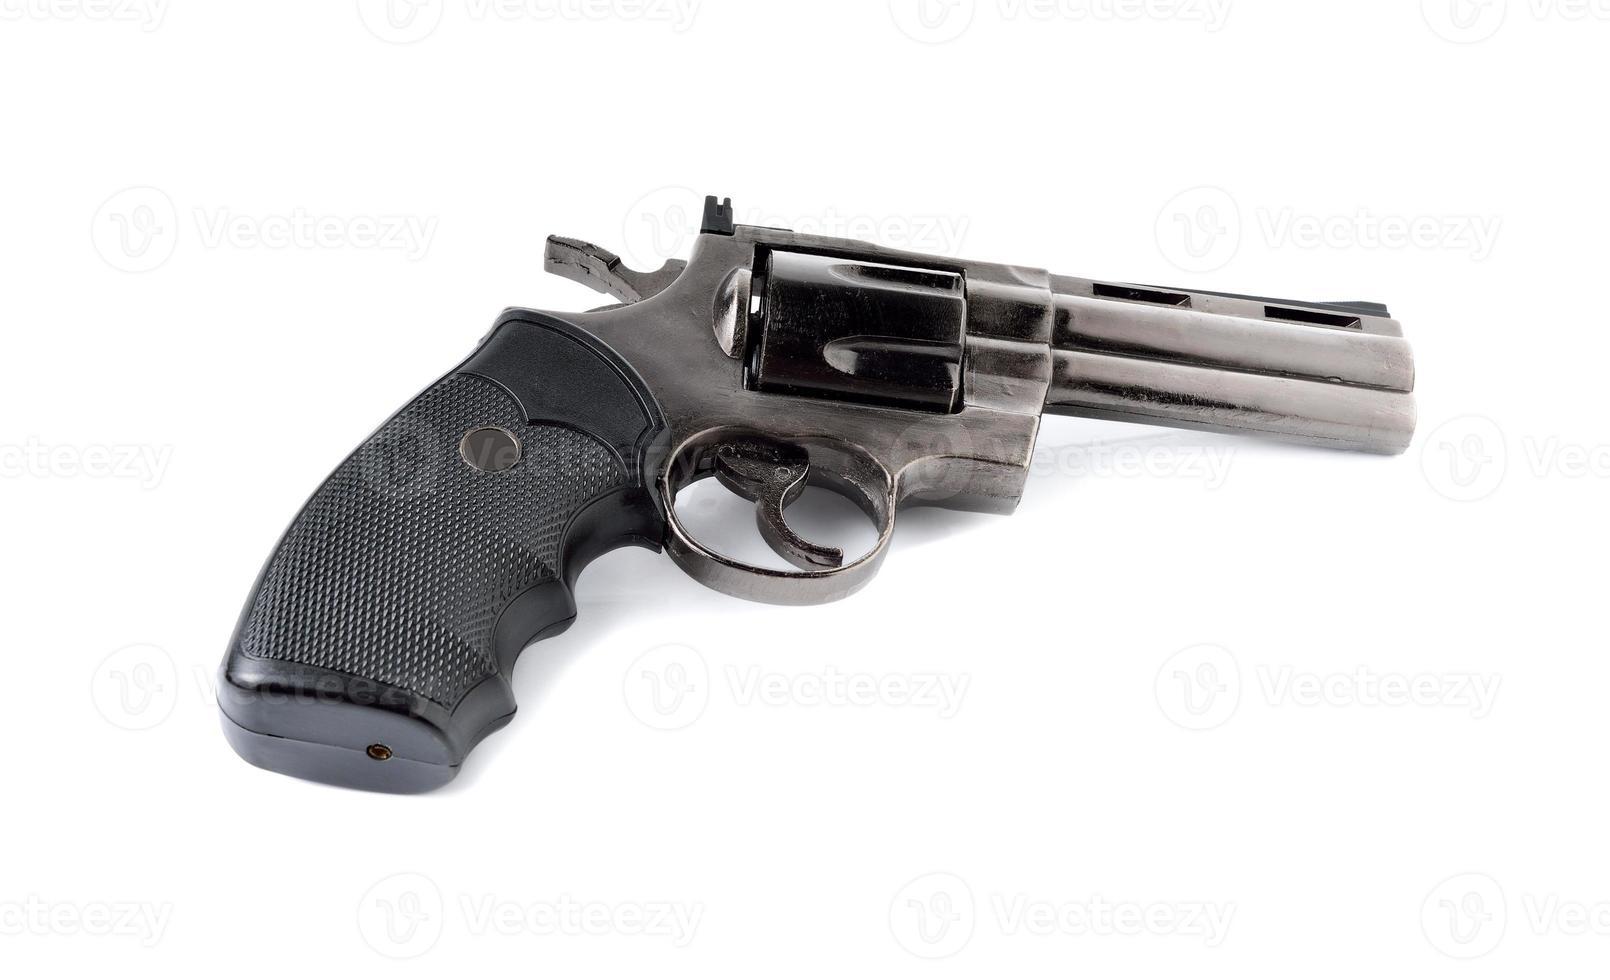 revólver magnum de arma de brinquedo 357 em fundo branco foto